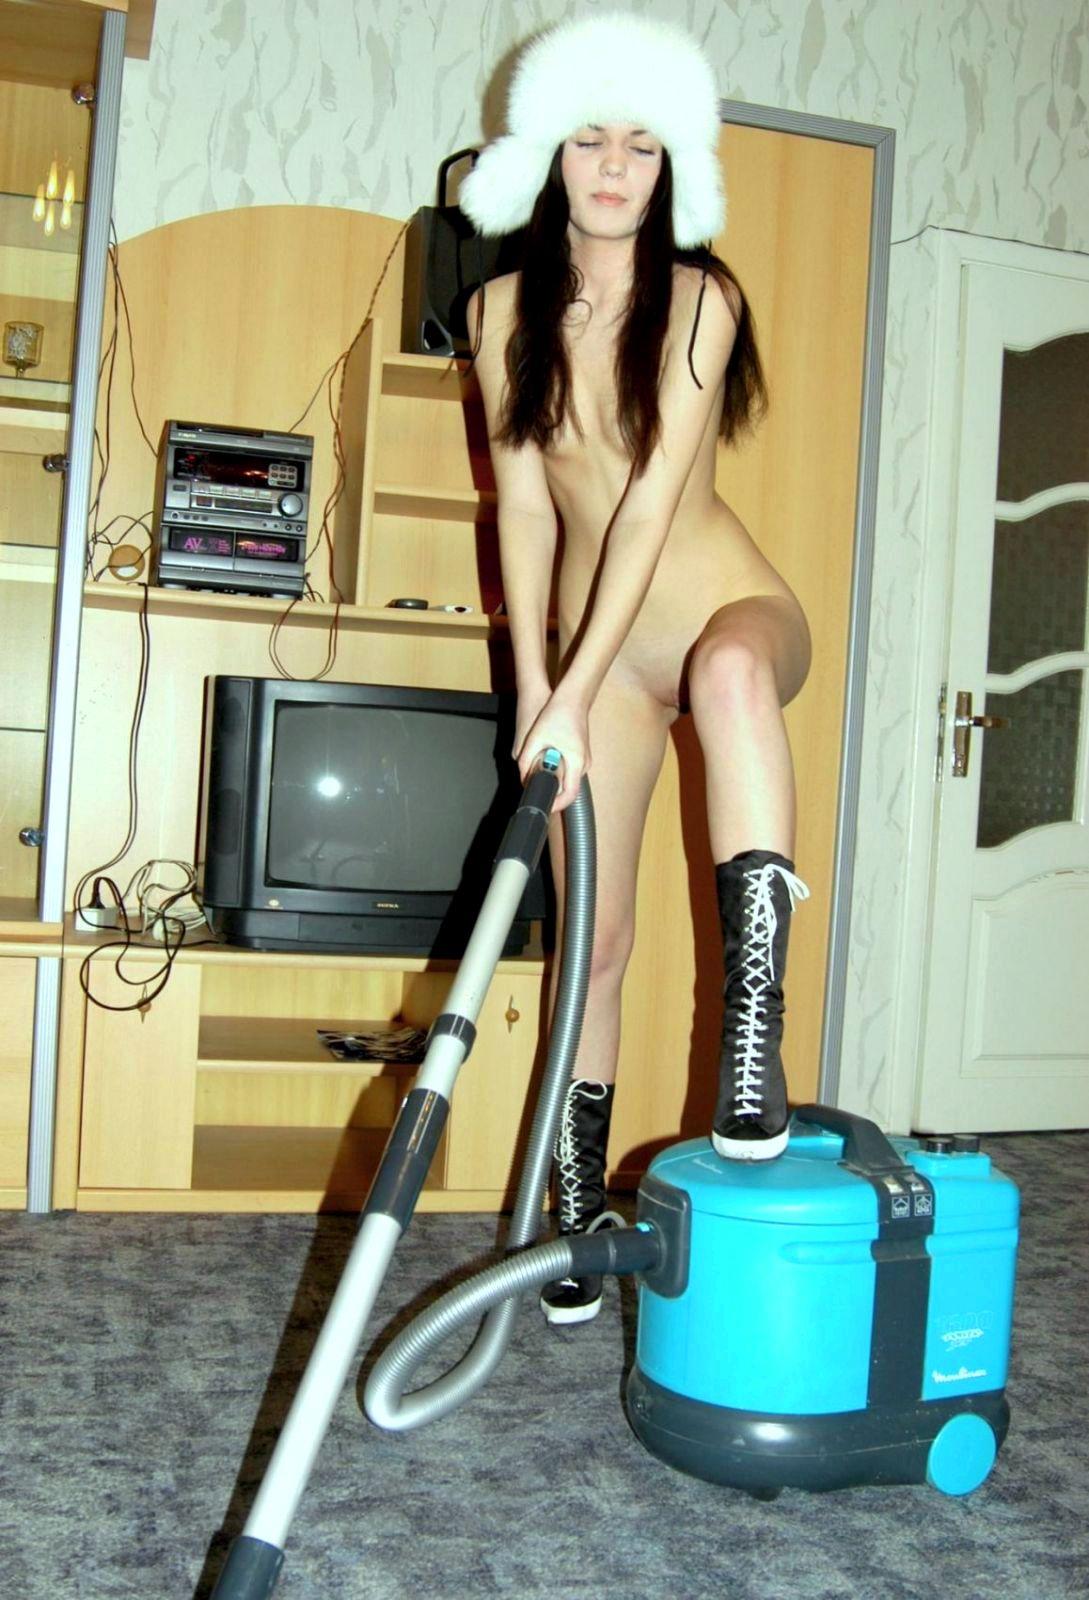 Эро нарезки убирает квартиру голой 1 фотография